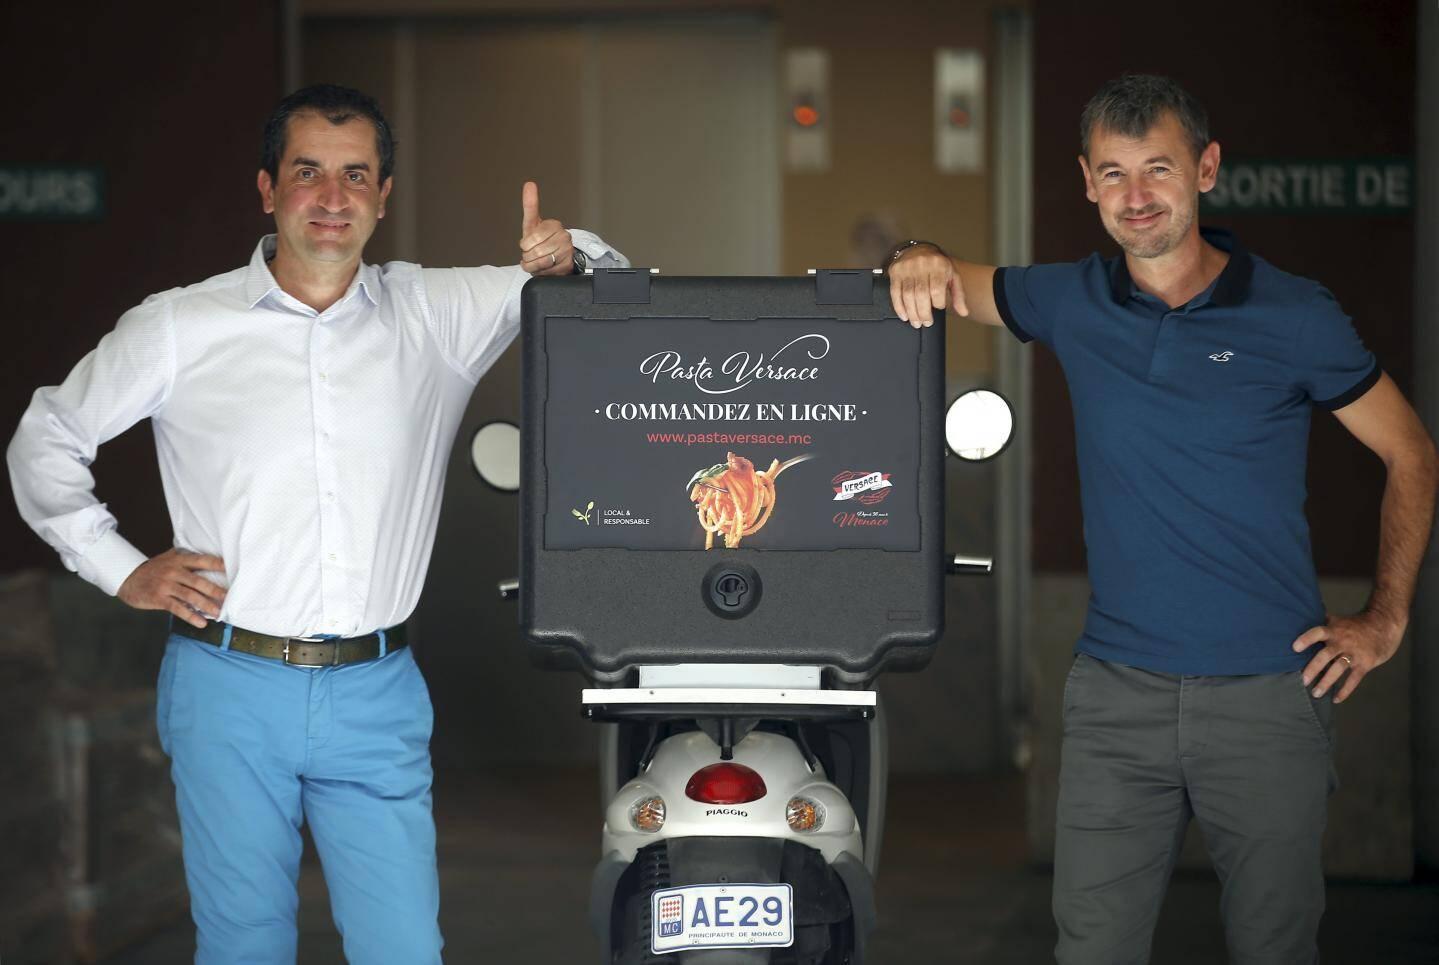 Fabio Versace et Stéphane Langlois, le tandem qui dirige l'entreprise.